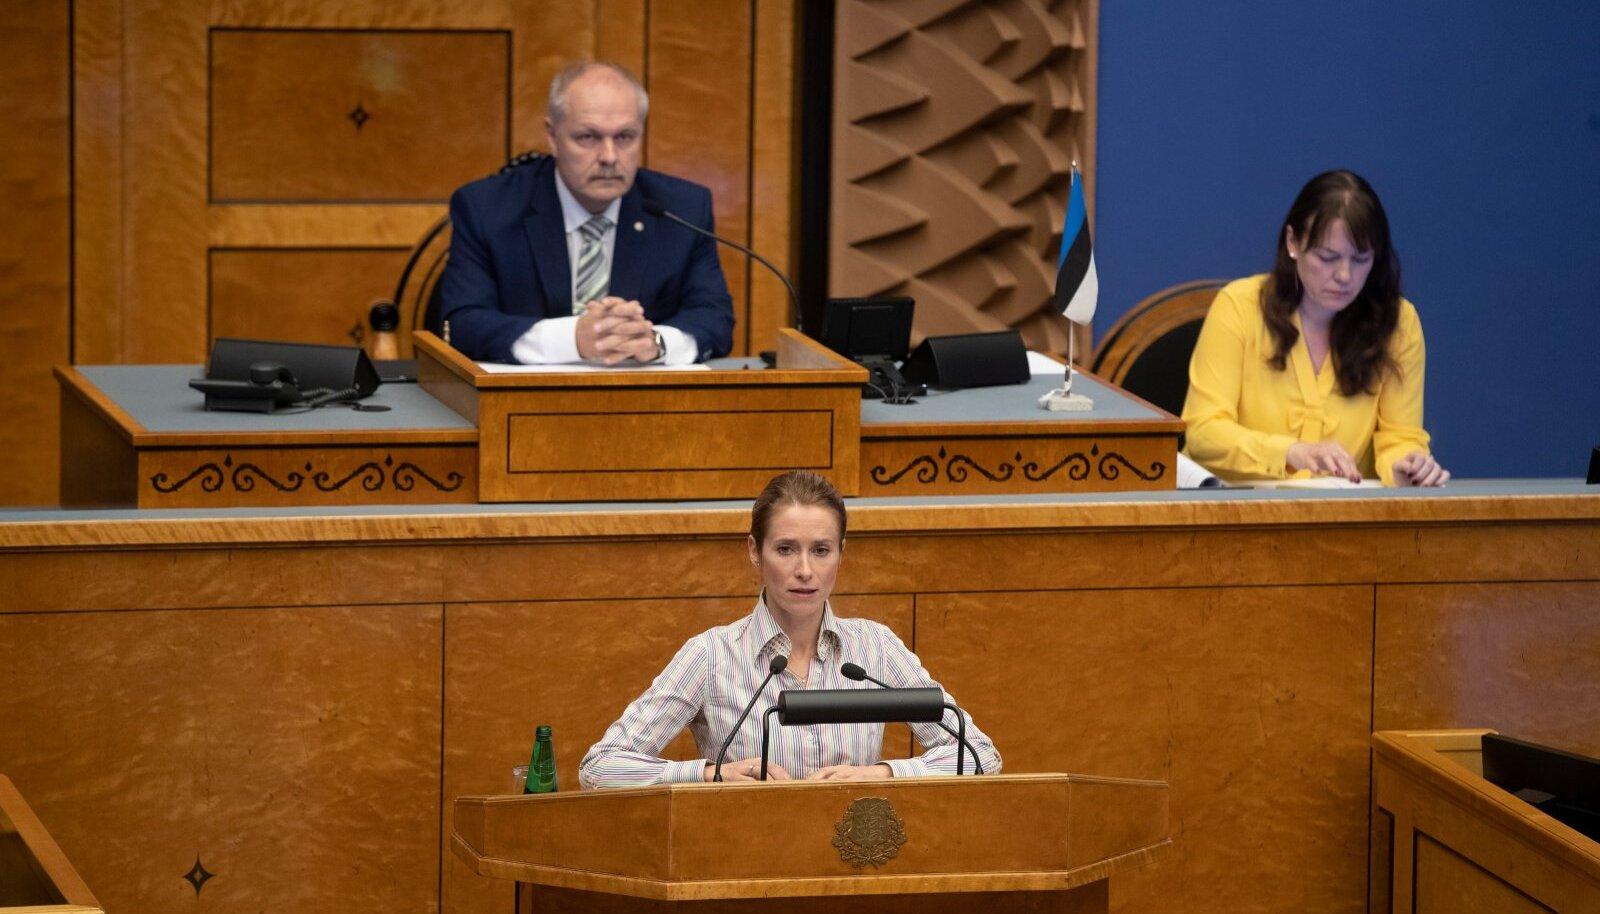 """""""Väikse sammuga, aga jõudsalt autoritaarse riigi poole,"""" kirjeldas Kaja Kallas riigikogu esimehe stiili. Põlluaas ei pea kriitikat enda kohta põhjendatuks."""